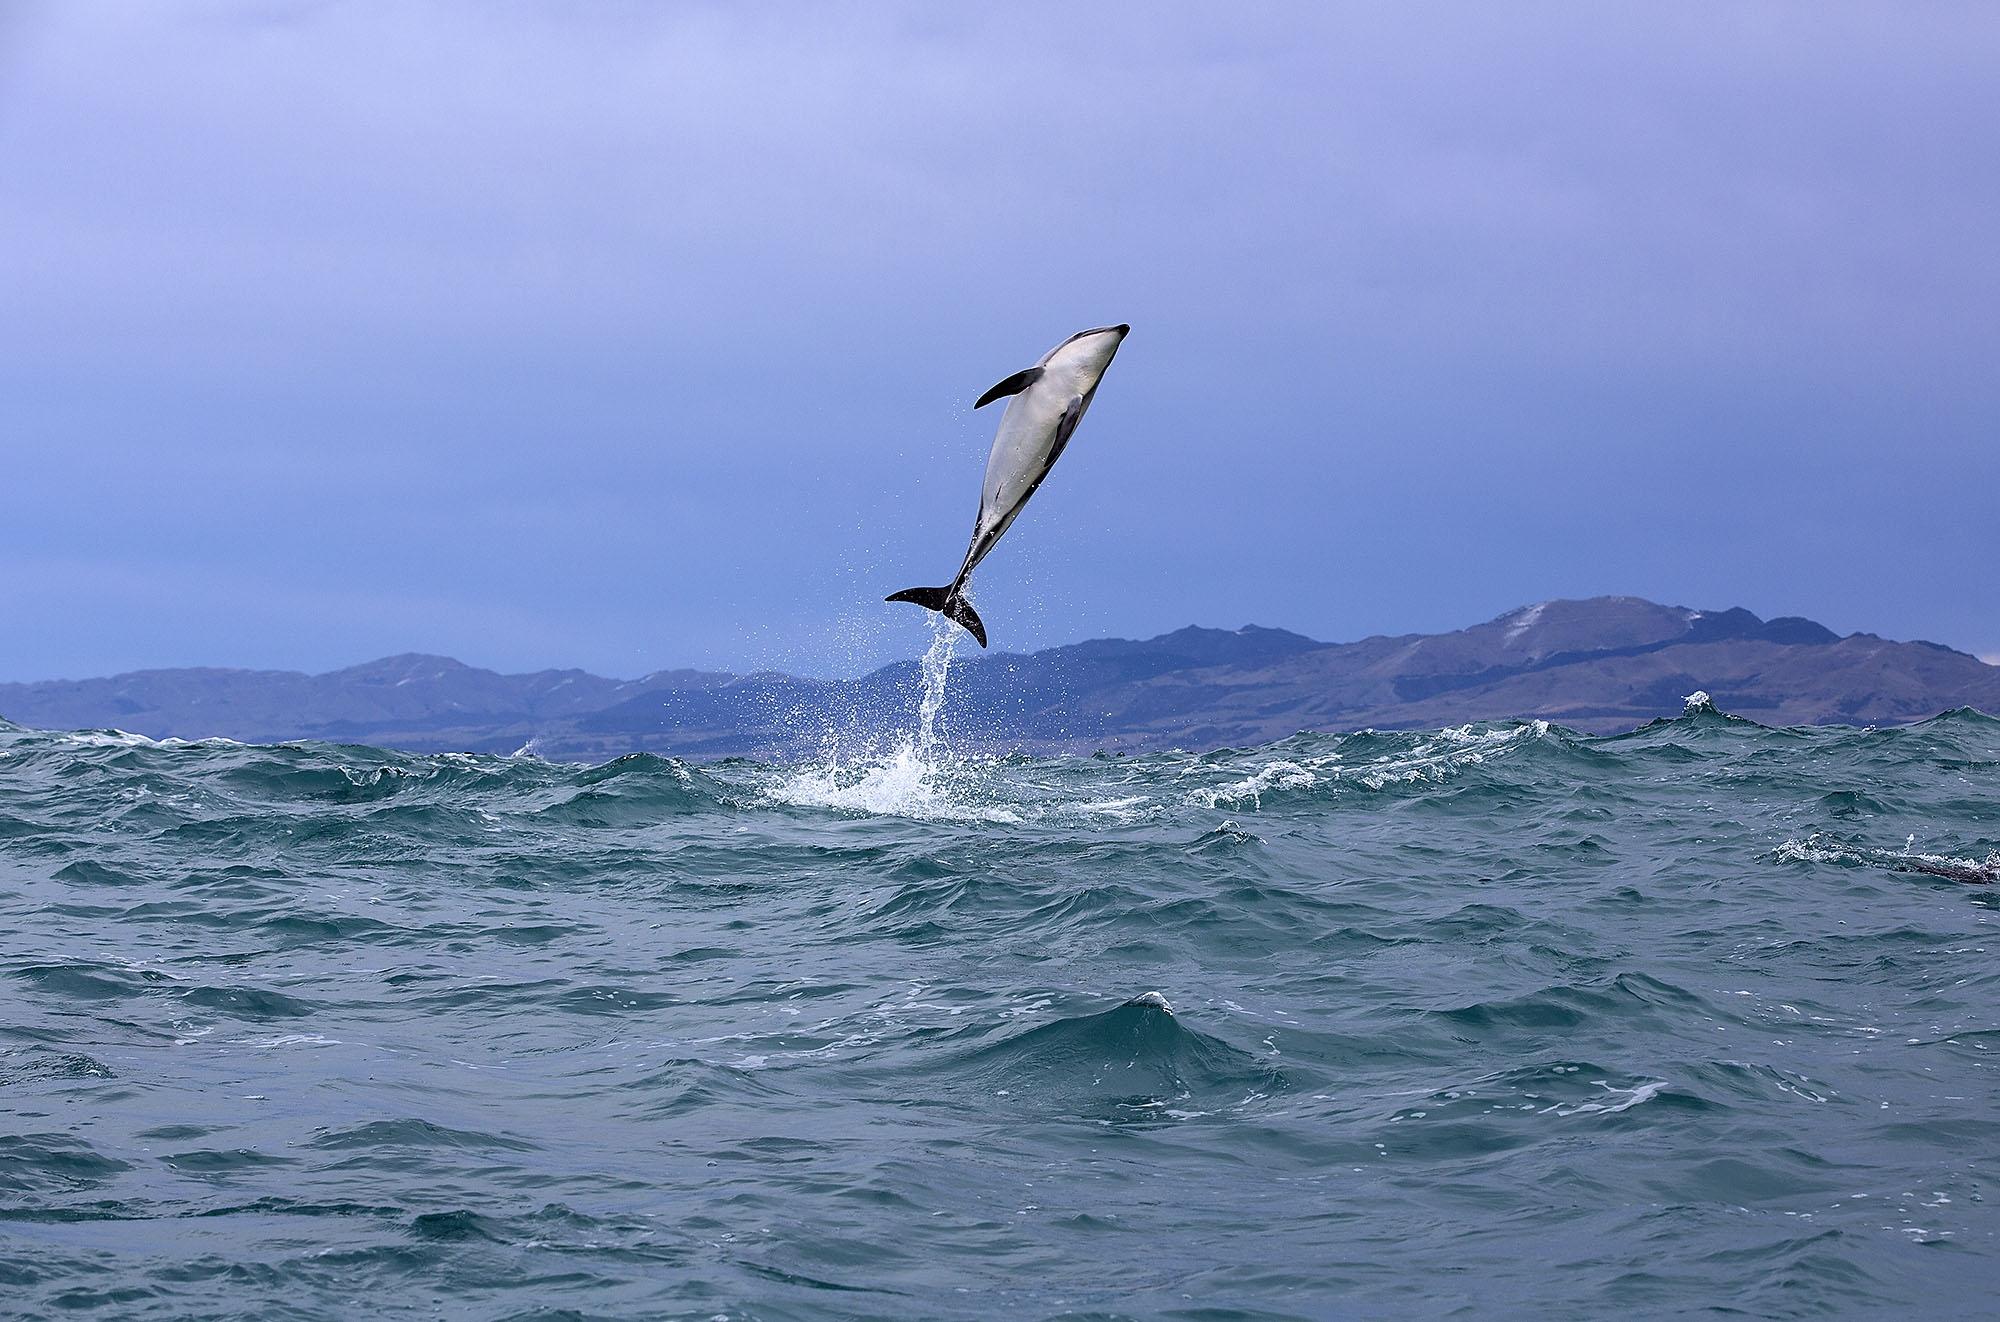 Dusky Dolphins - Residents of Kaikoura